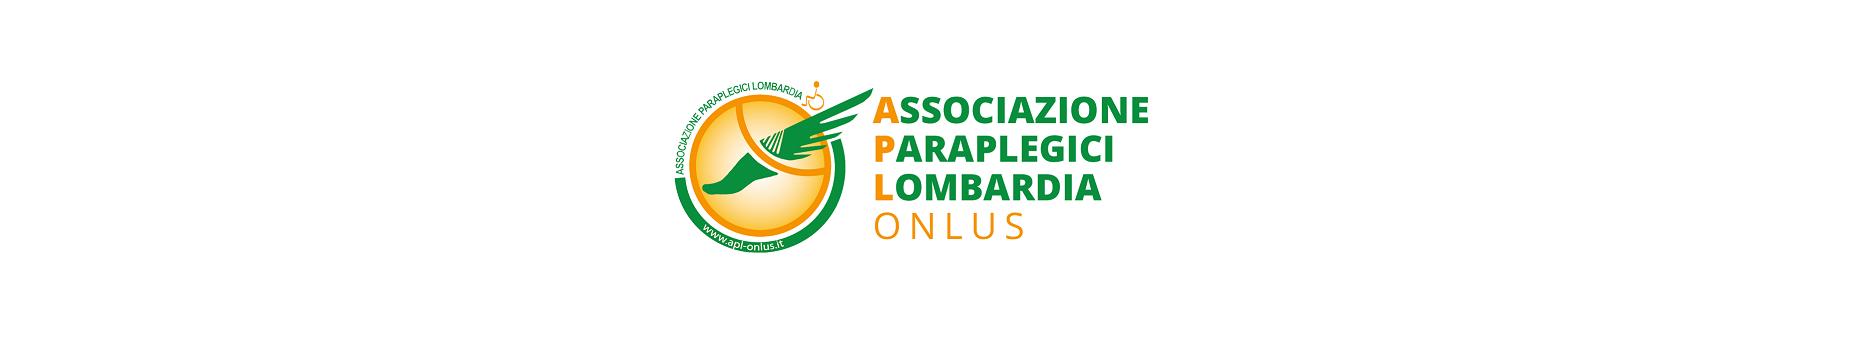 Associazione Paraplegici Lombardia Onlus logo